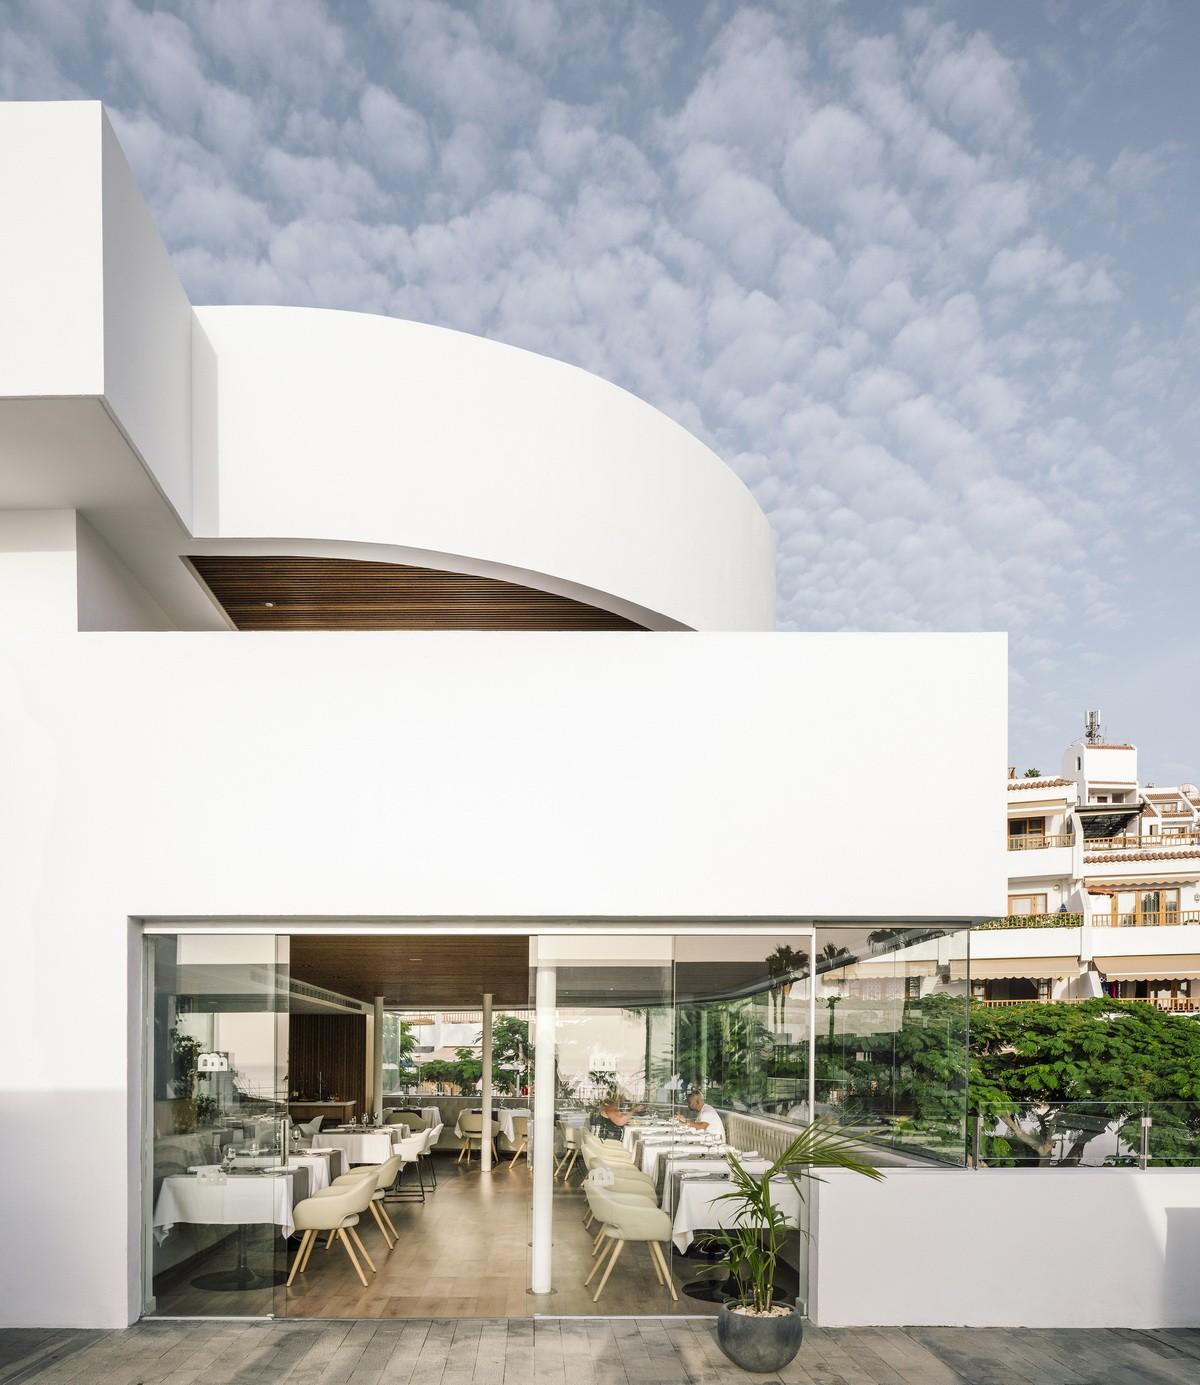 純粹線條創造的優雅體量:弗拉明戈俱樂部酒店/ZoocoEstudio插图2